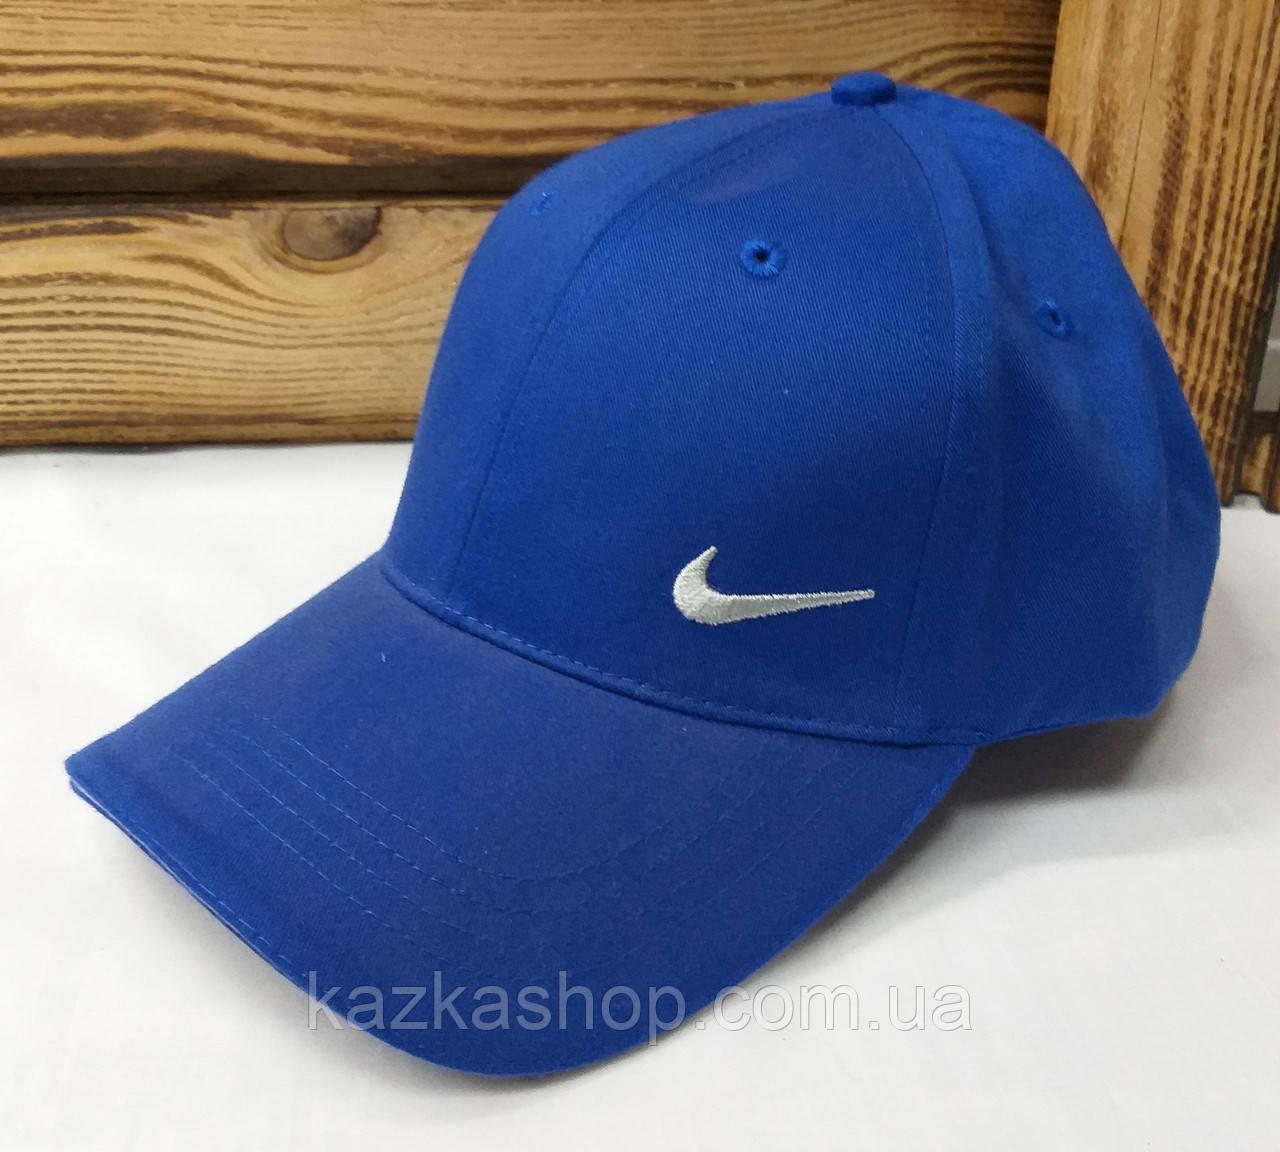 Мужская кепка синего цвета с вышивкой в стиле Nike (реплика), котоновая, с регулятором липучкой, 58 размер